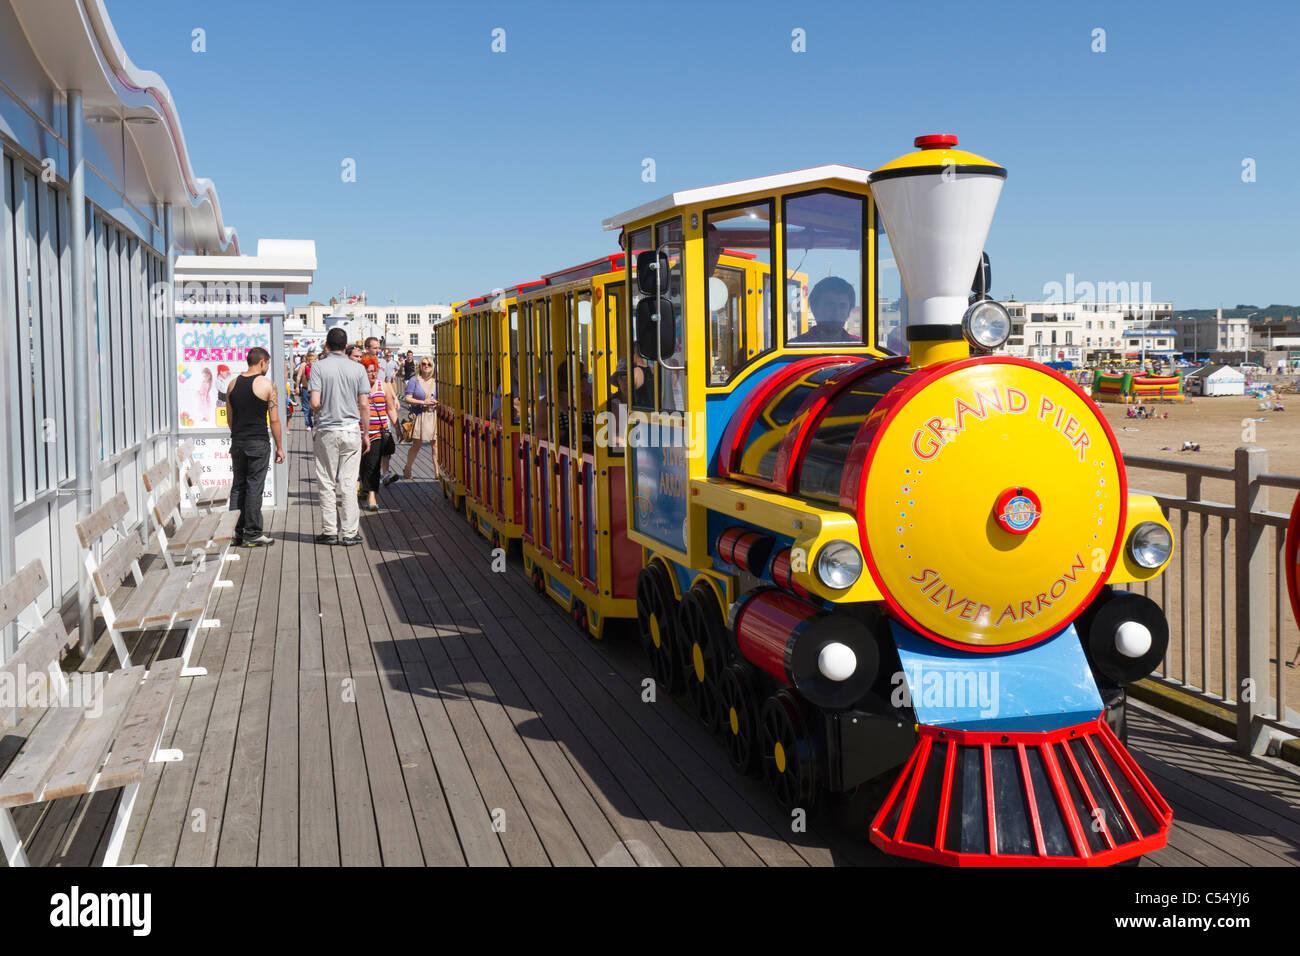 Small train on the Grand Pier in Weston Super Mare - Stock Image